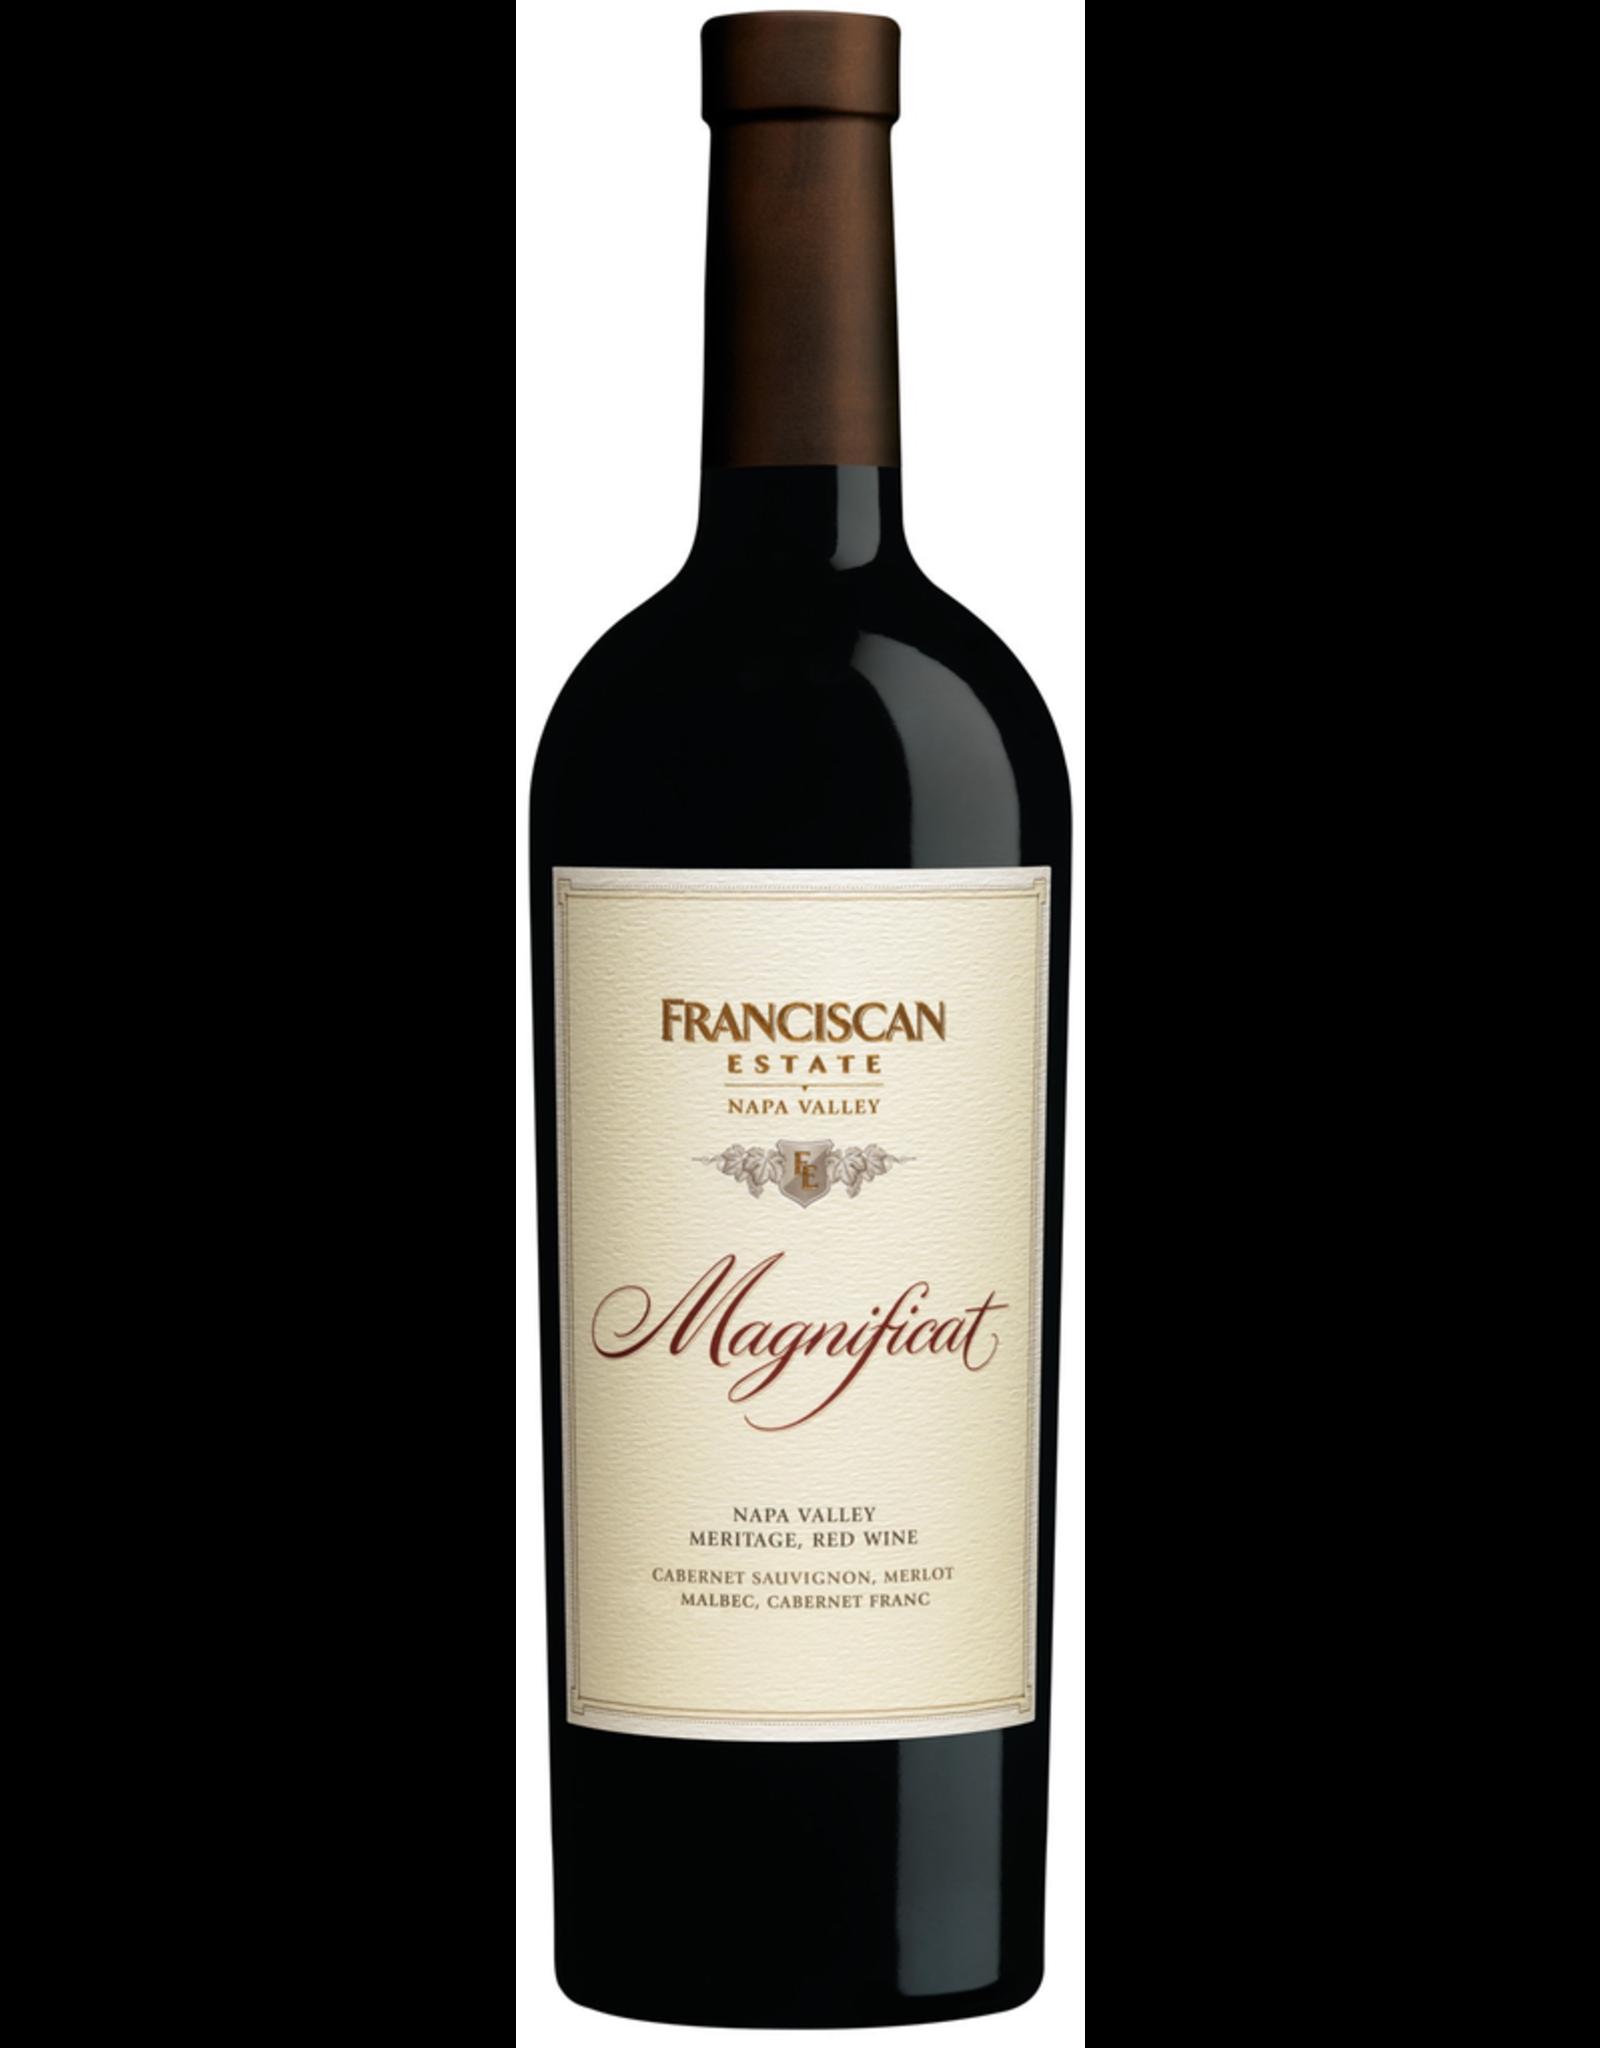 Red Wine 2014, Franciscan Magnificat, Bordeaux Blend, Oakville, Napa, California, 14.5% Alc, CTnr, TW94